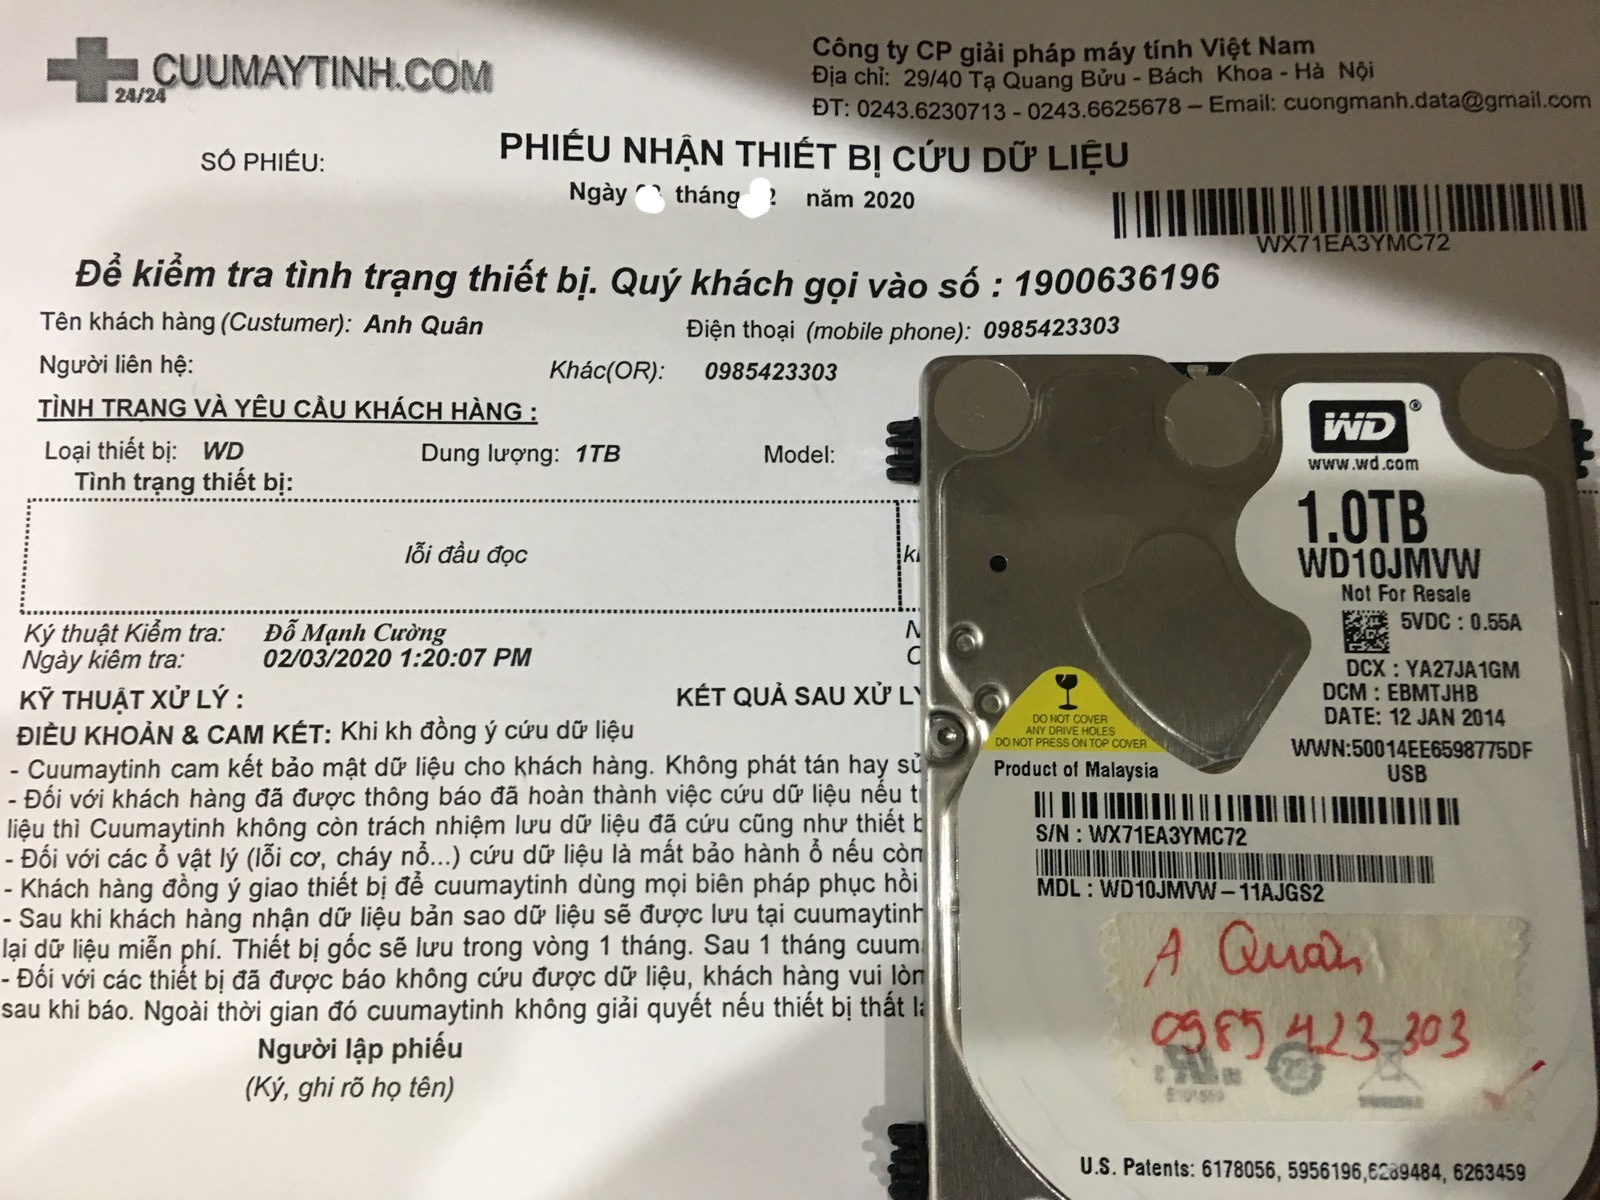 Cứu dữ liệu ổ cứng Western 1TB lỗi đầu đọc 06/03/2020 - cuumaytinh